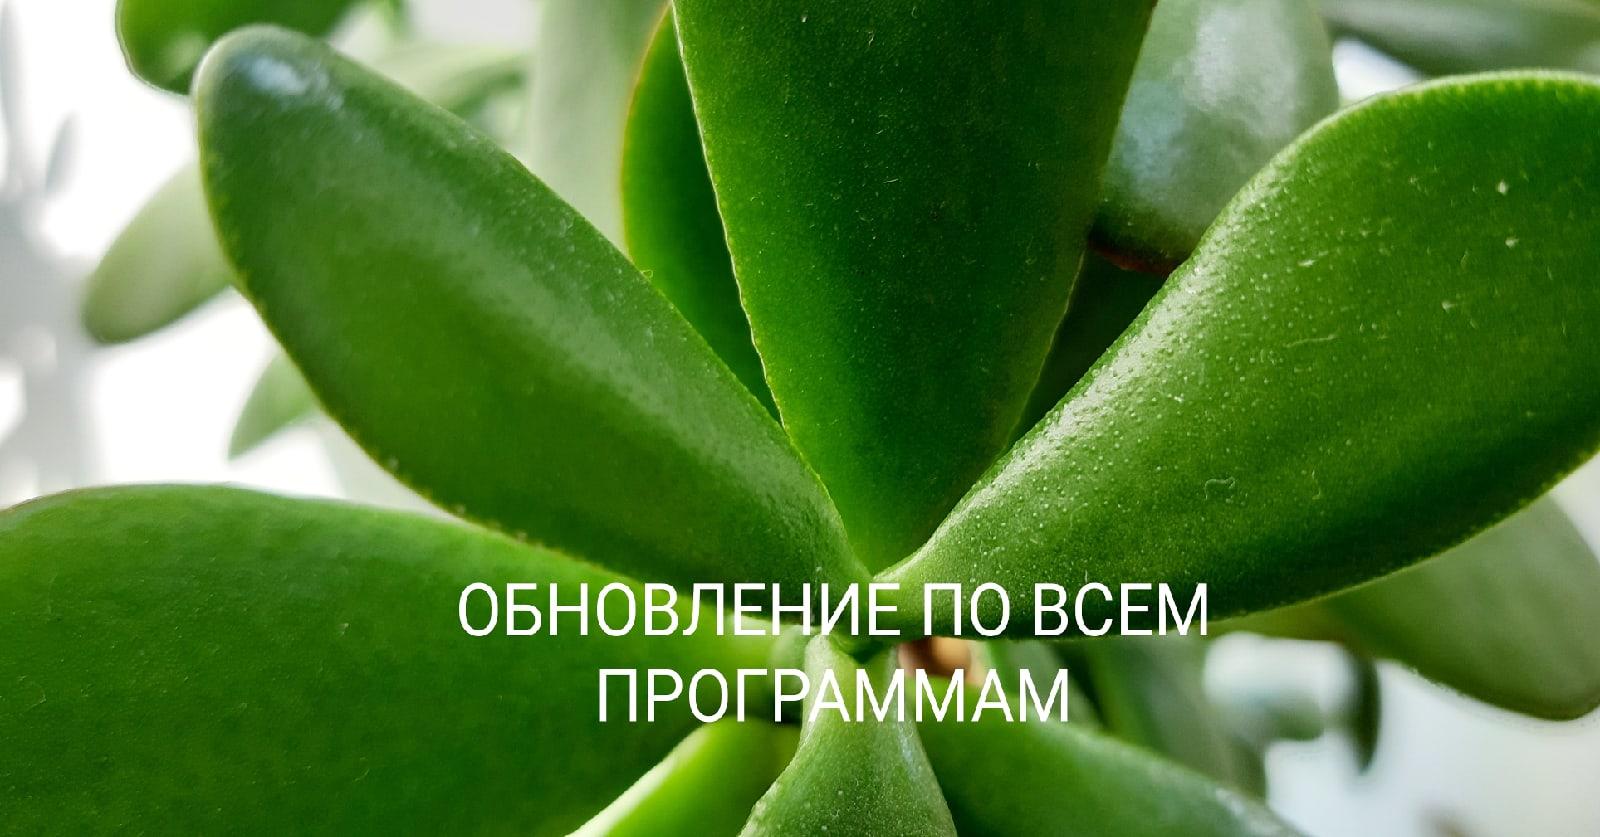 любовнаямагия - Программные свечи от Елены Руденко. - Страница 17 CpnULW3MQTM